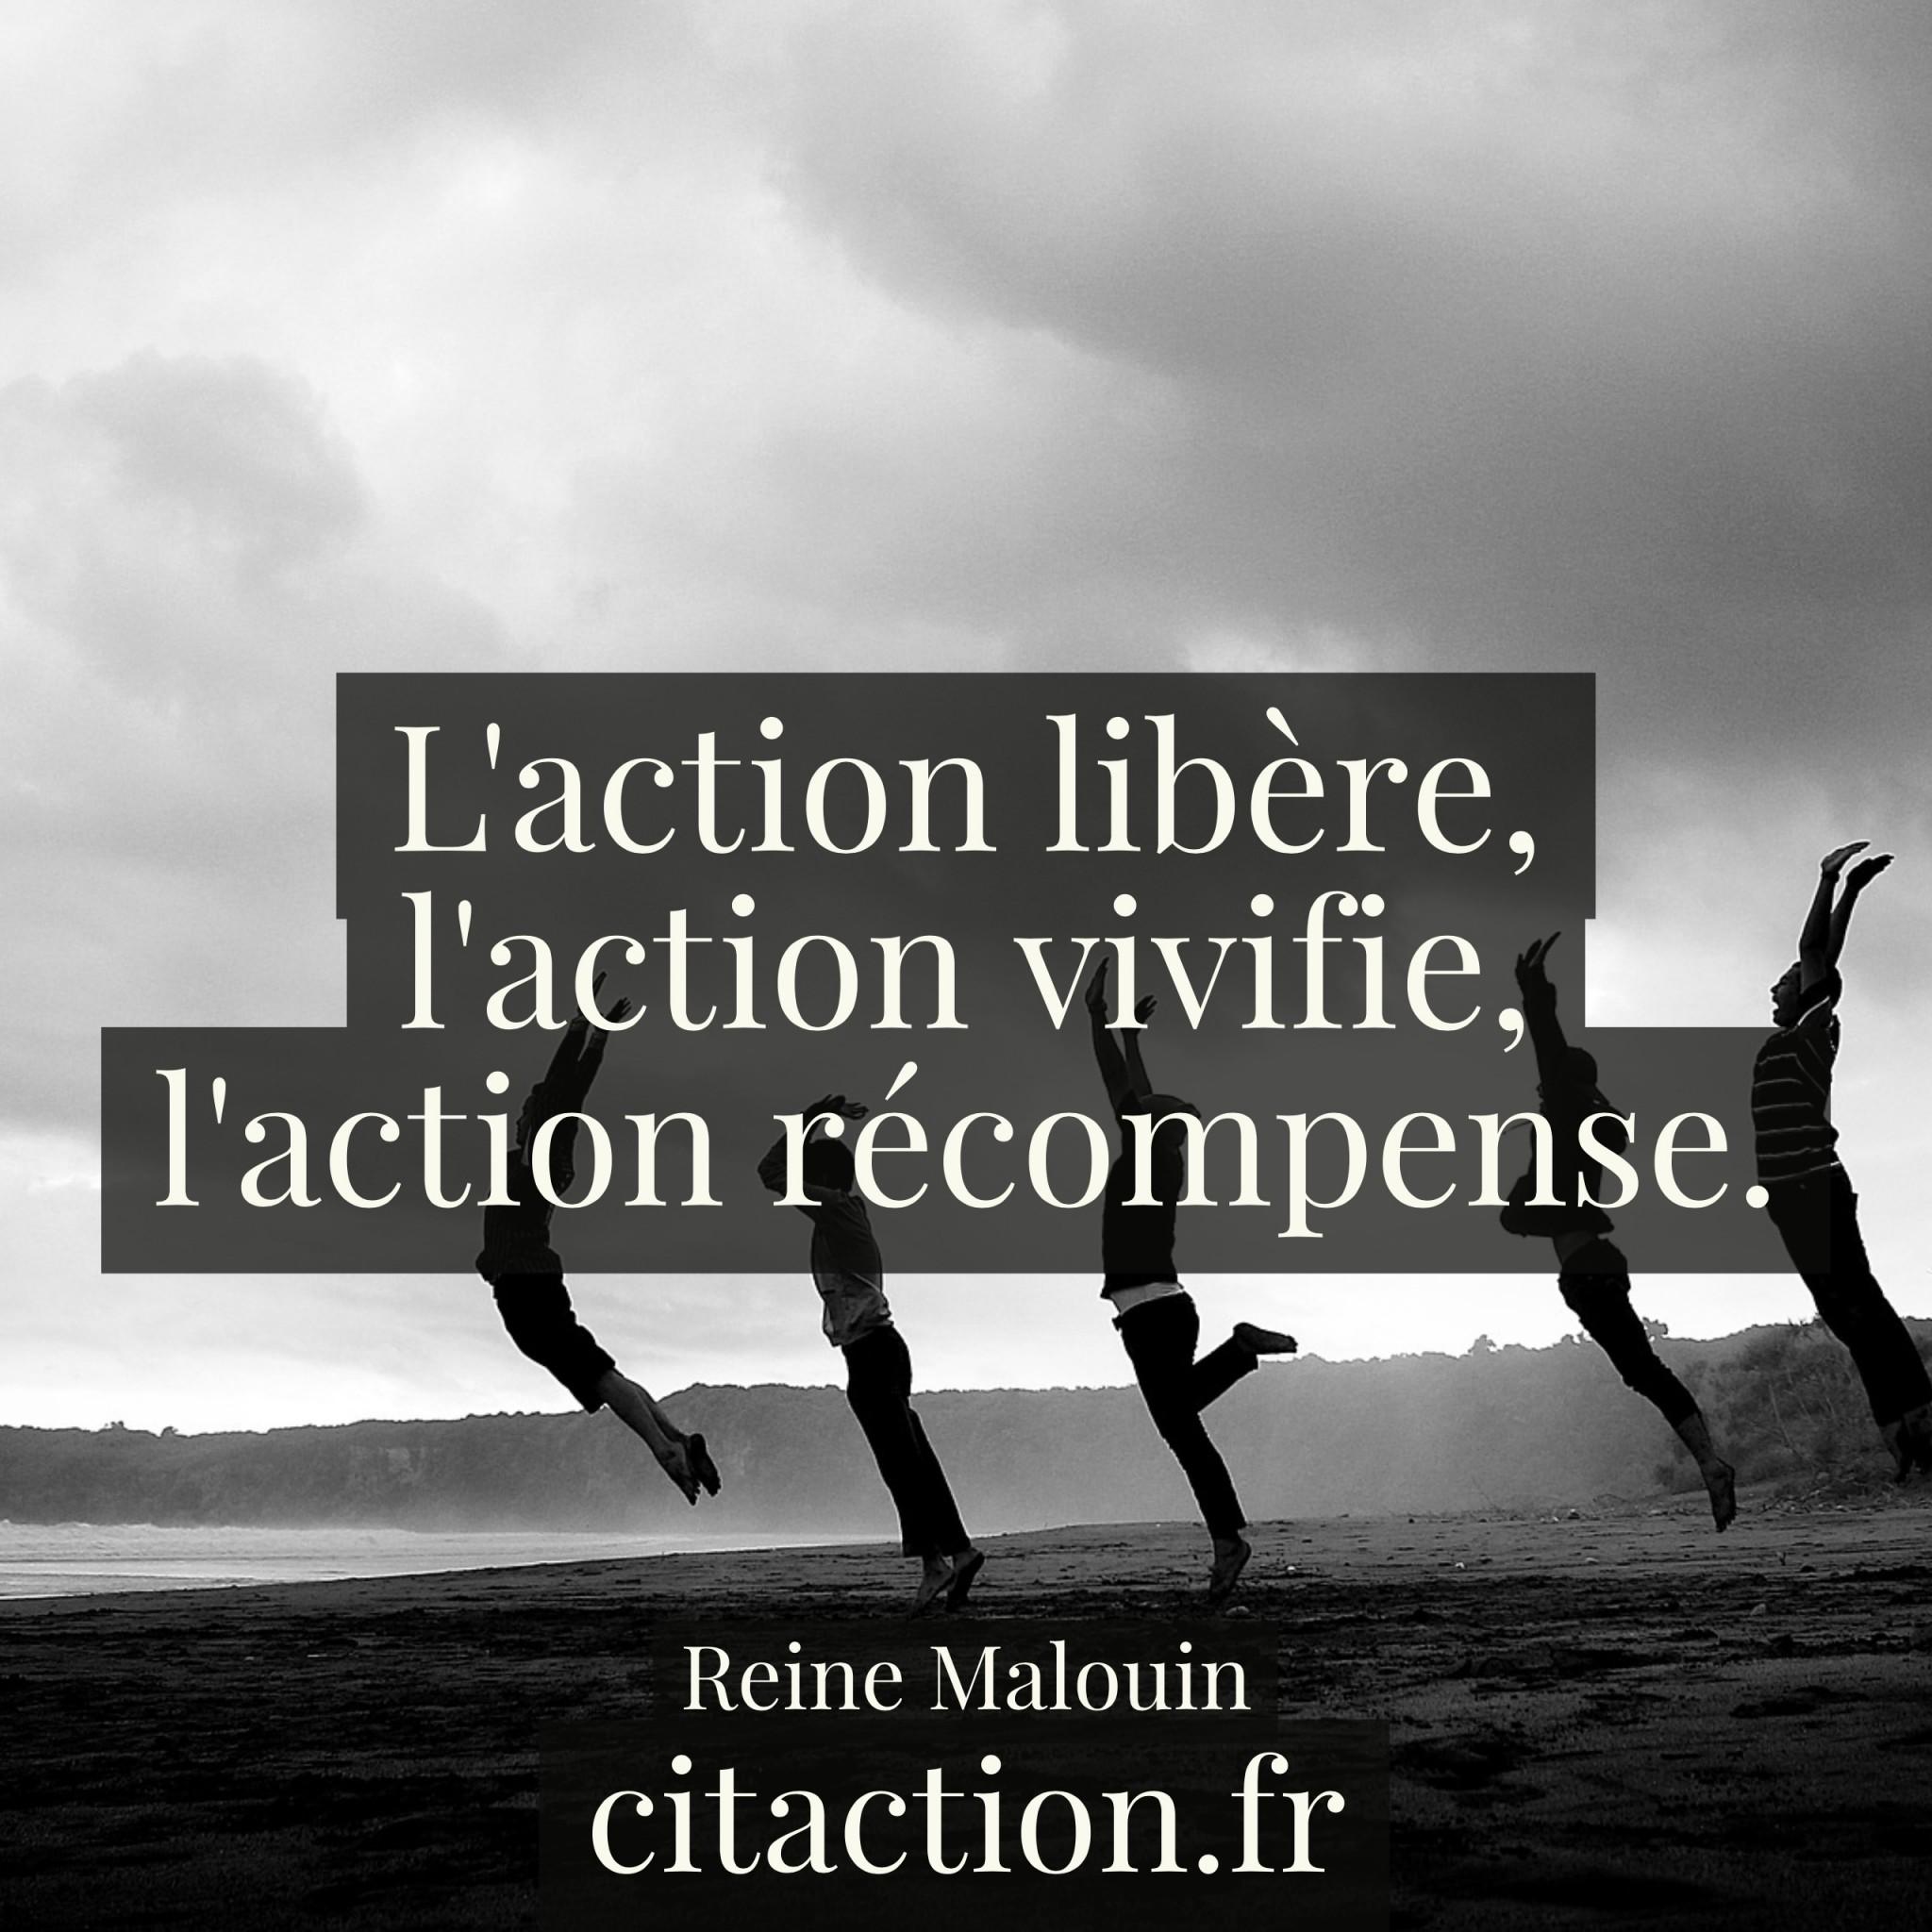 laction-libere-laction-vivifie-laction-recompense